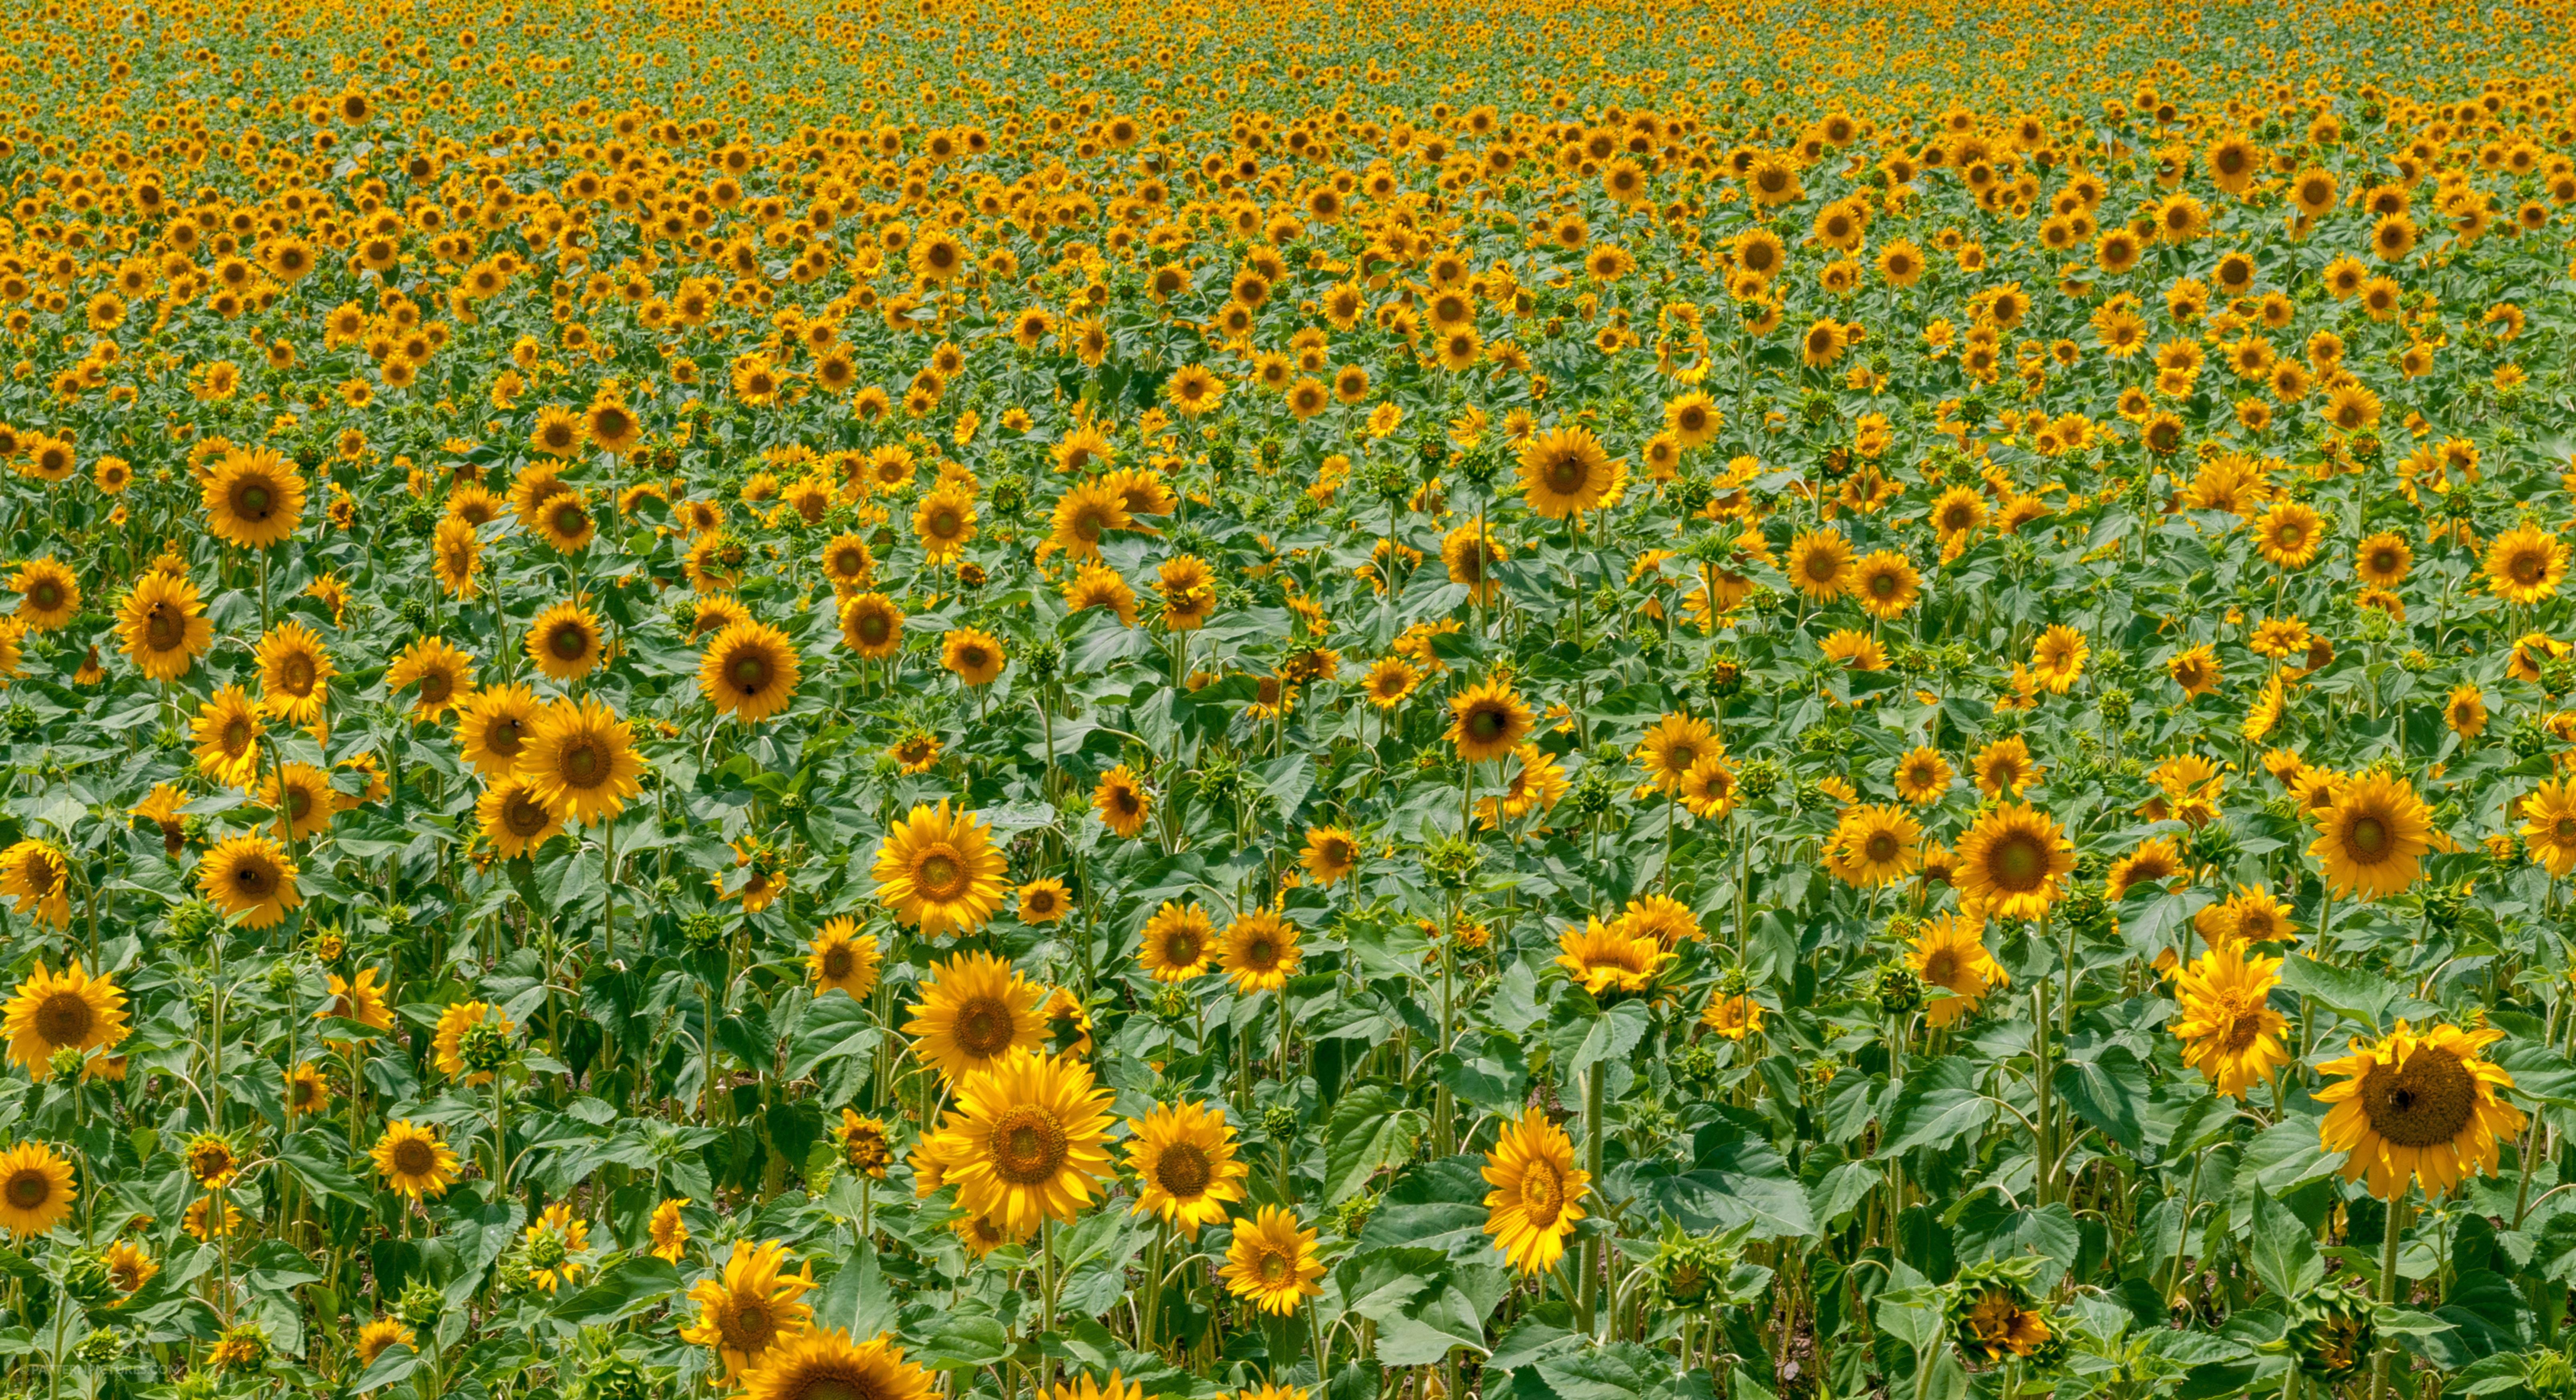 Sunflowers field pattern background landscape